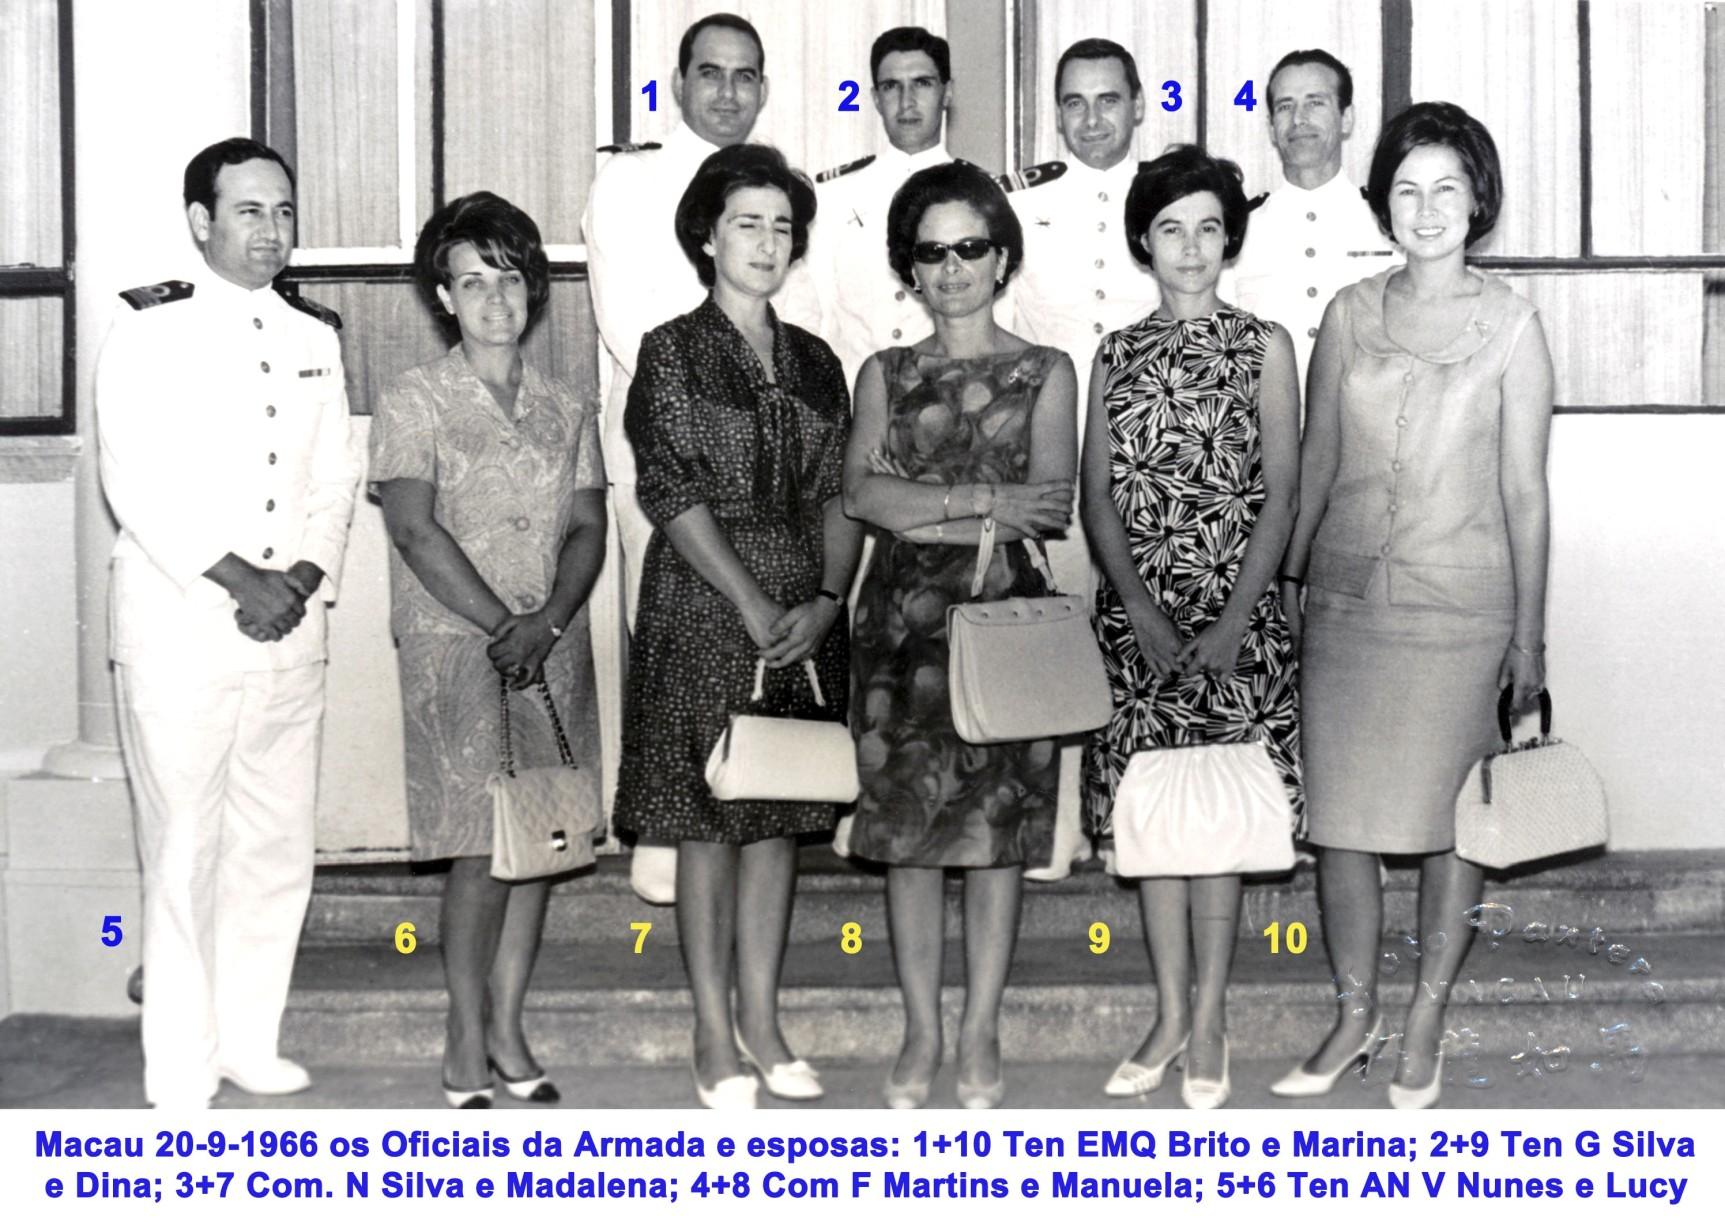 023 66-09-20 Oficiais da Armada e esposas